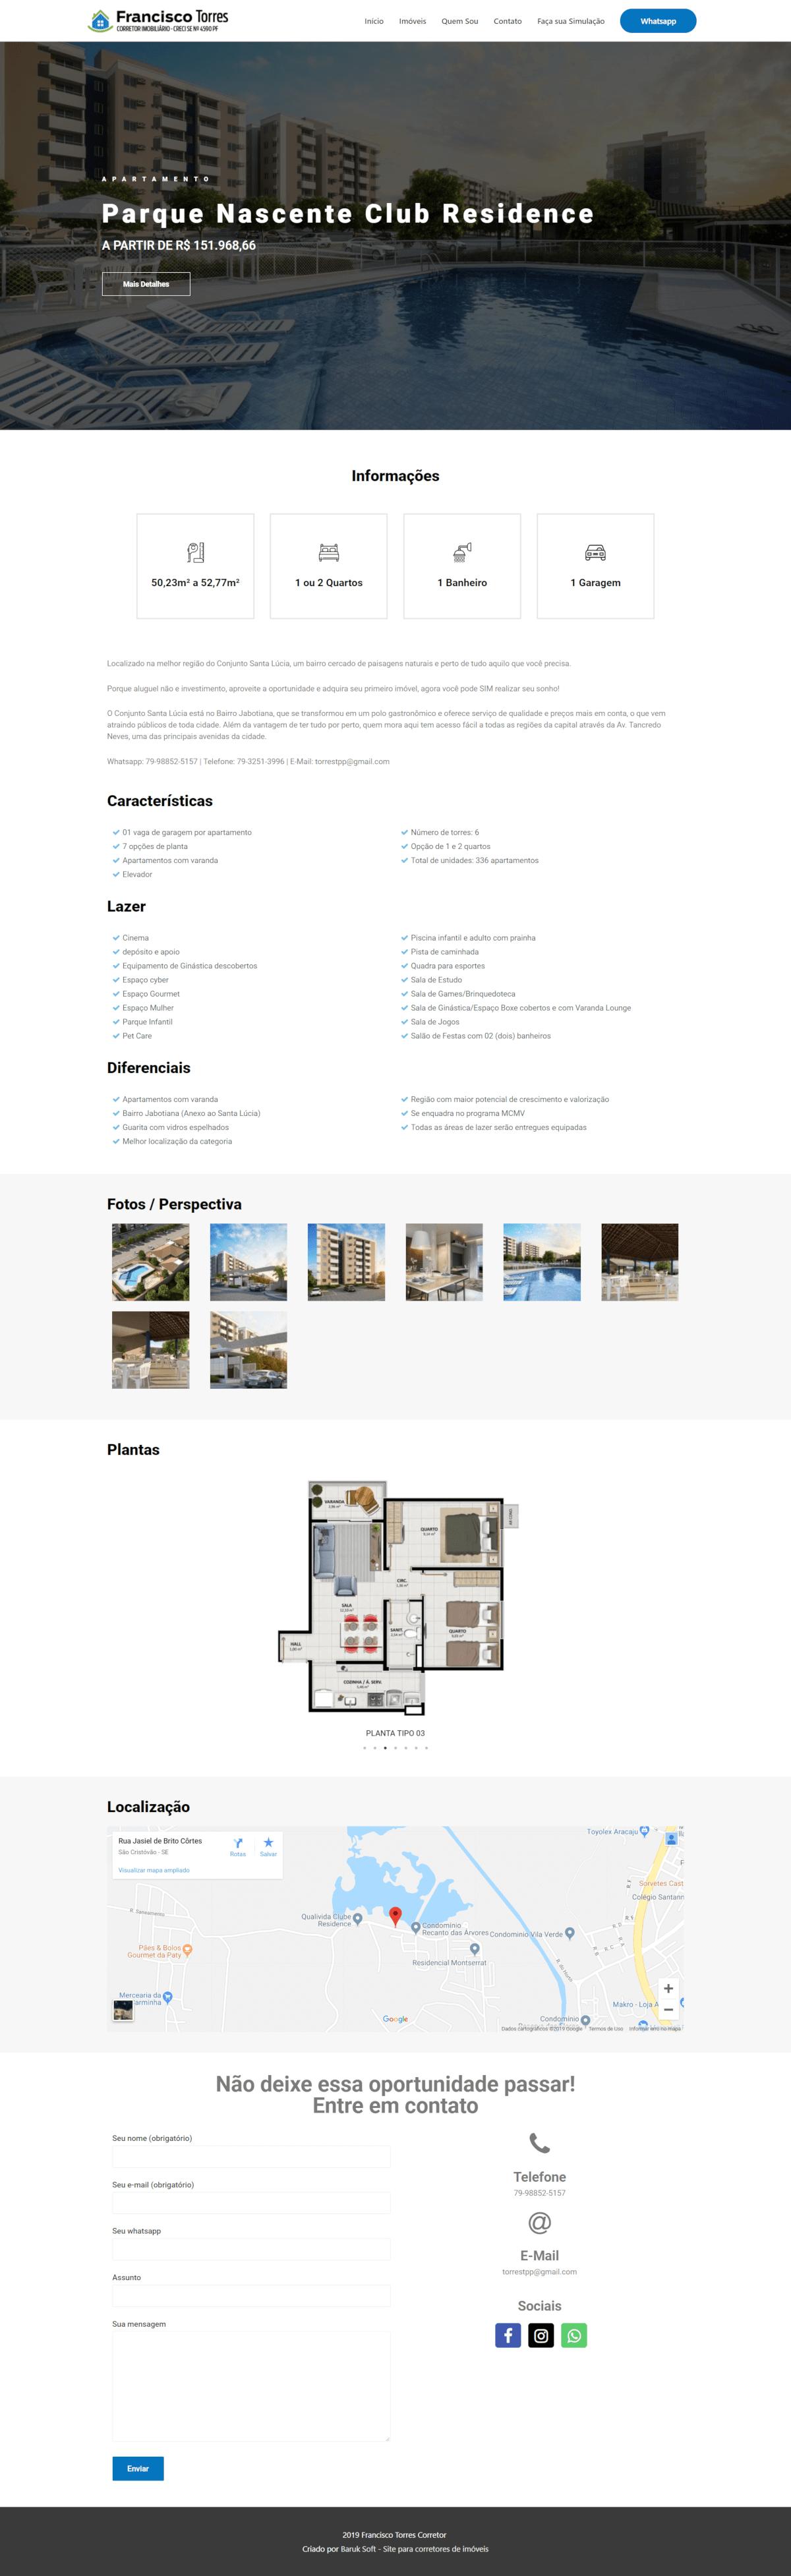 pagina-detalhes-do-imovel-site-corretor-de-imoveis-francisco-torres-baruk-soft